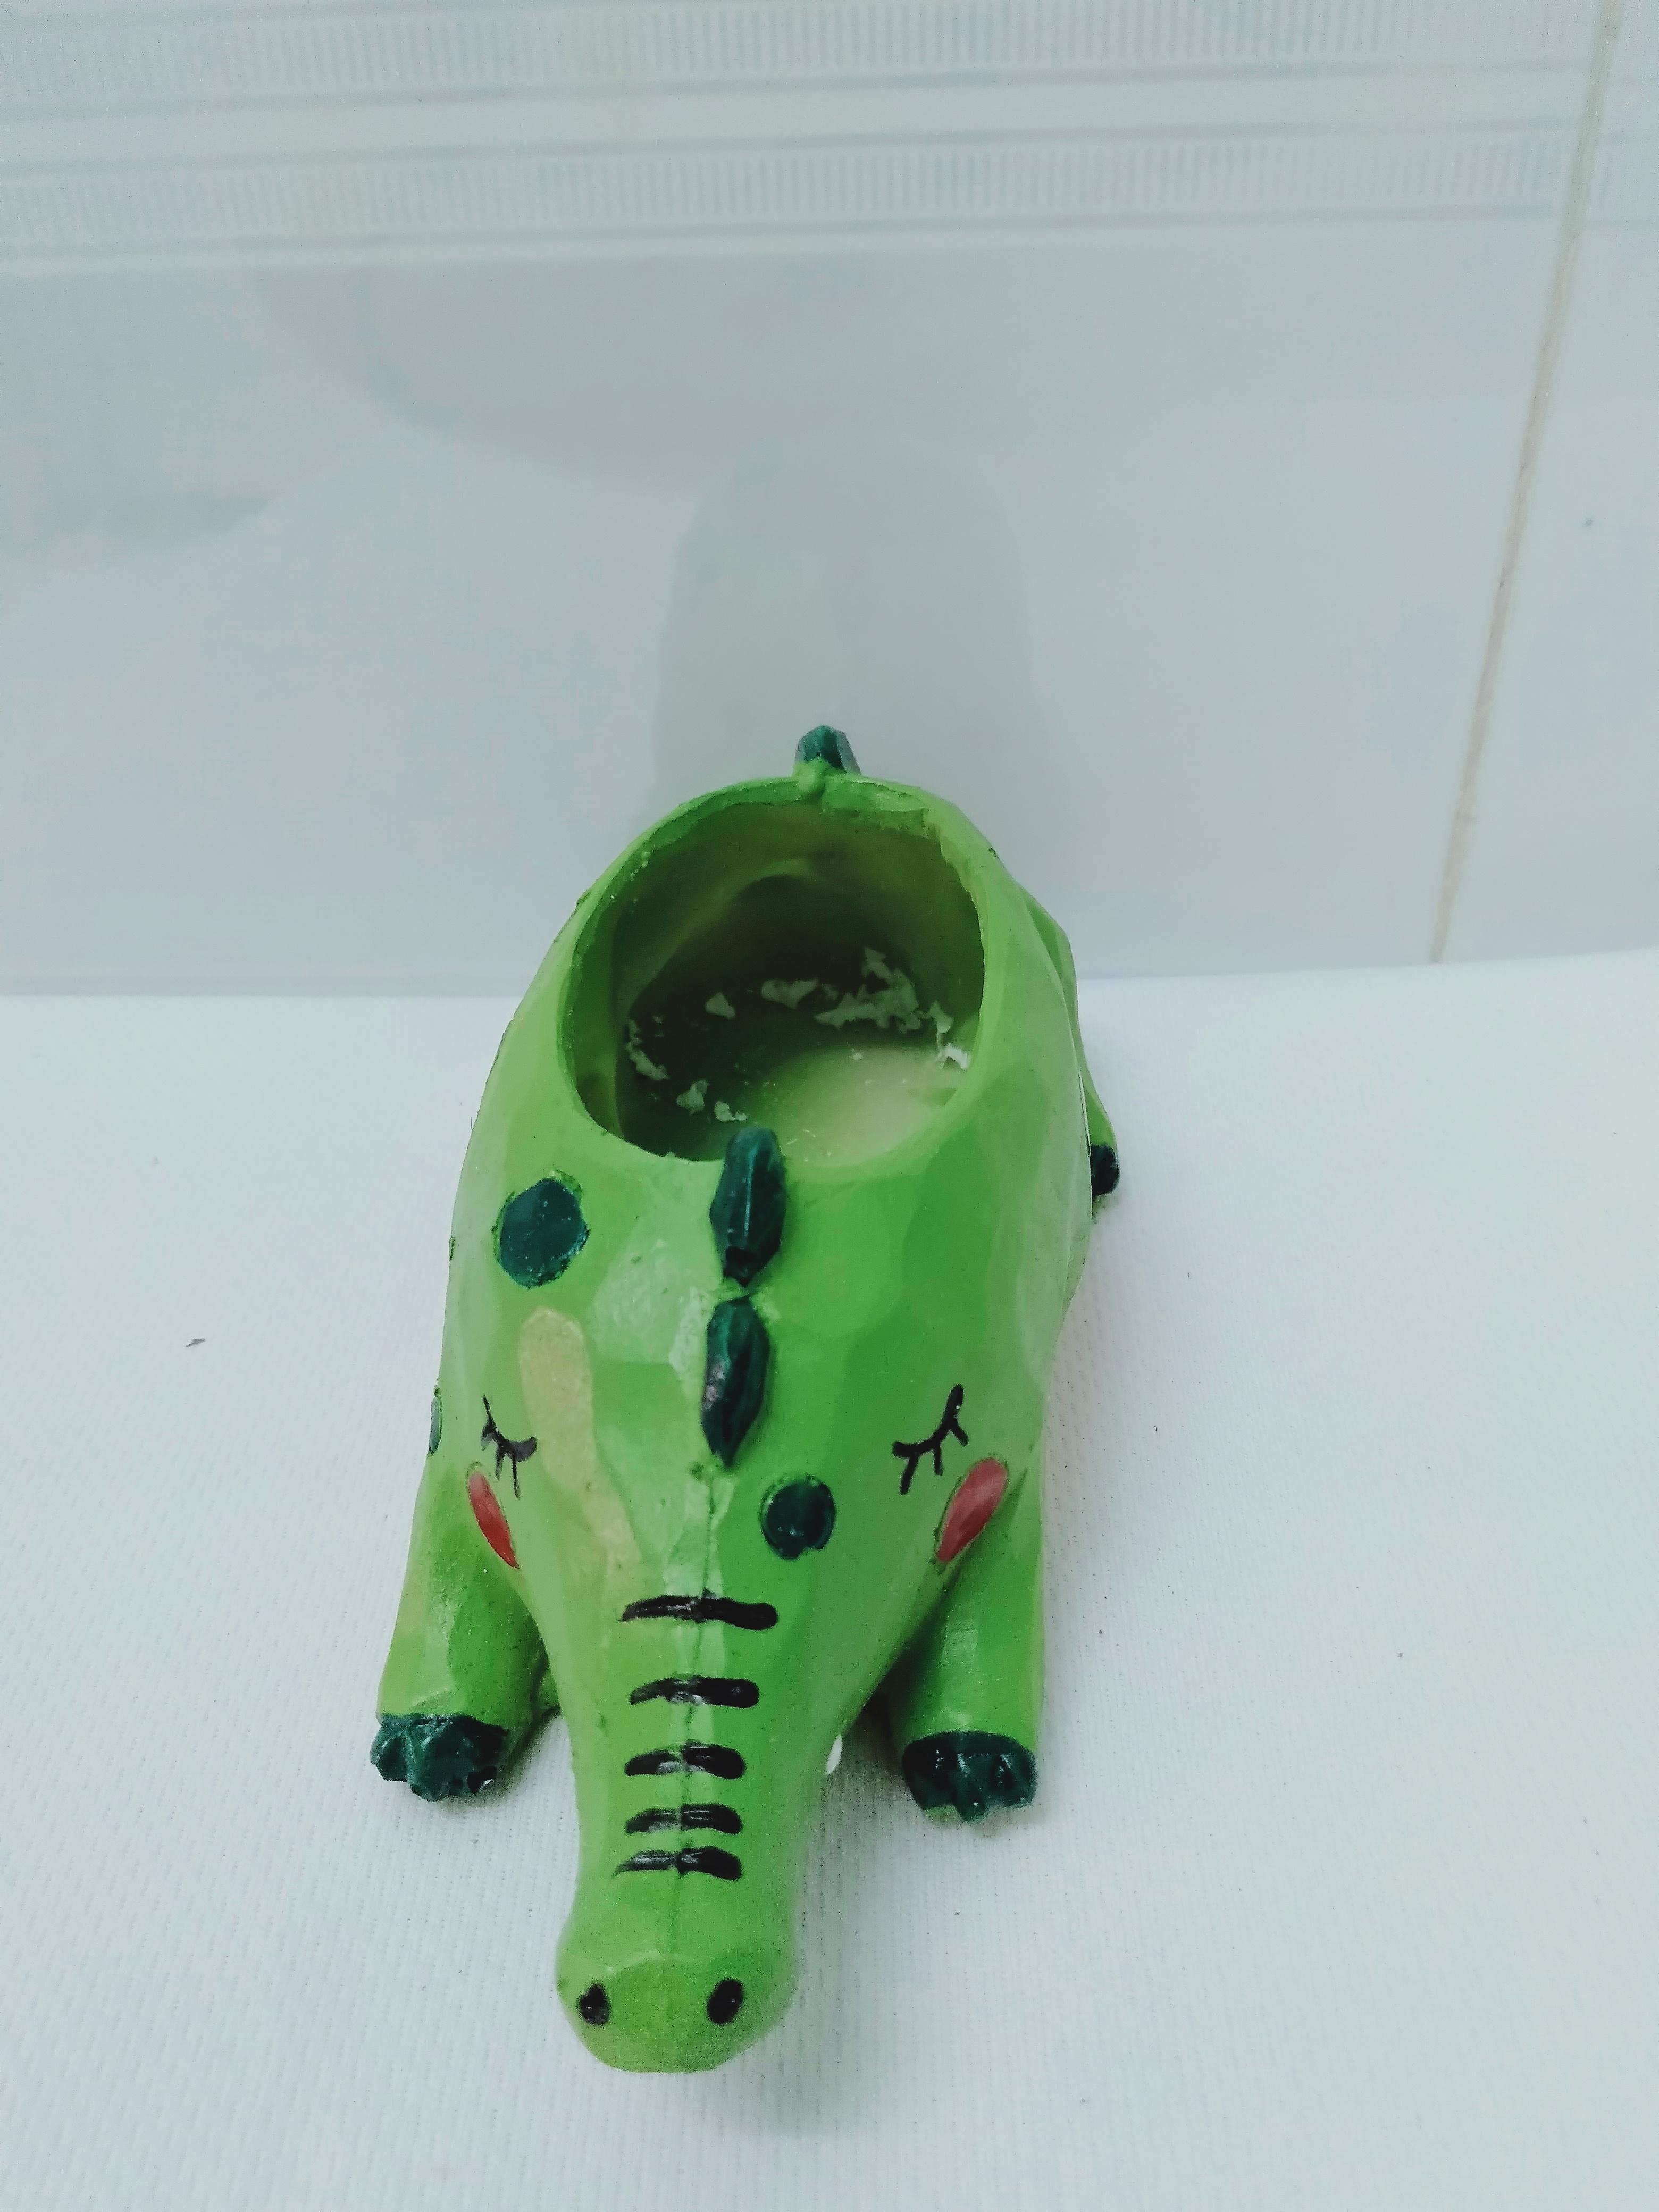 Chậu nhựa trồng cây mini sen đá, xương rồng hình những con vật đáng yêu (Nhựa Composite nhẹ, bền)